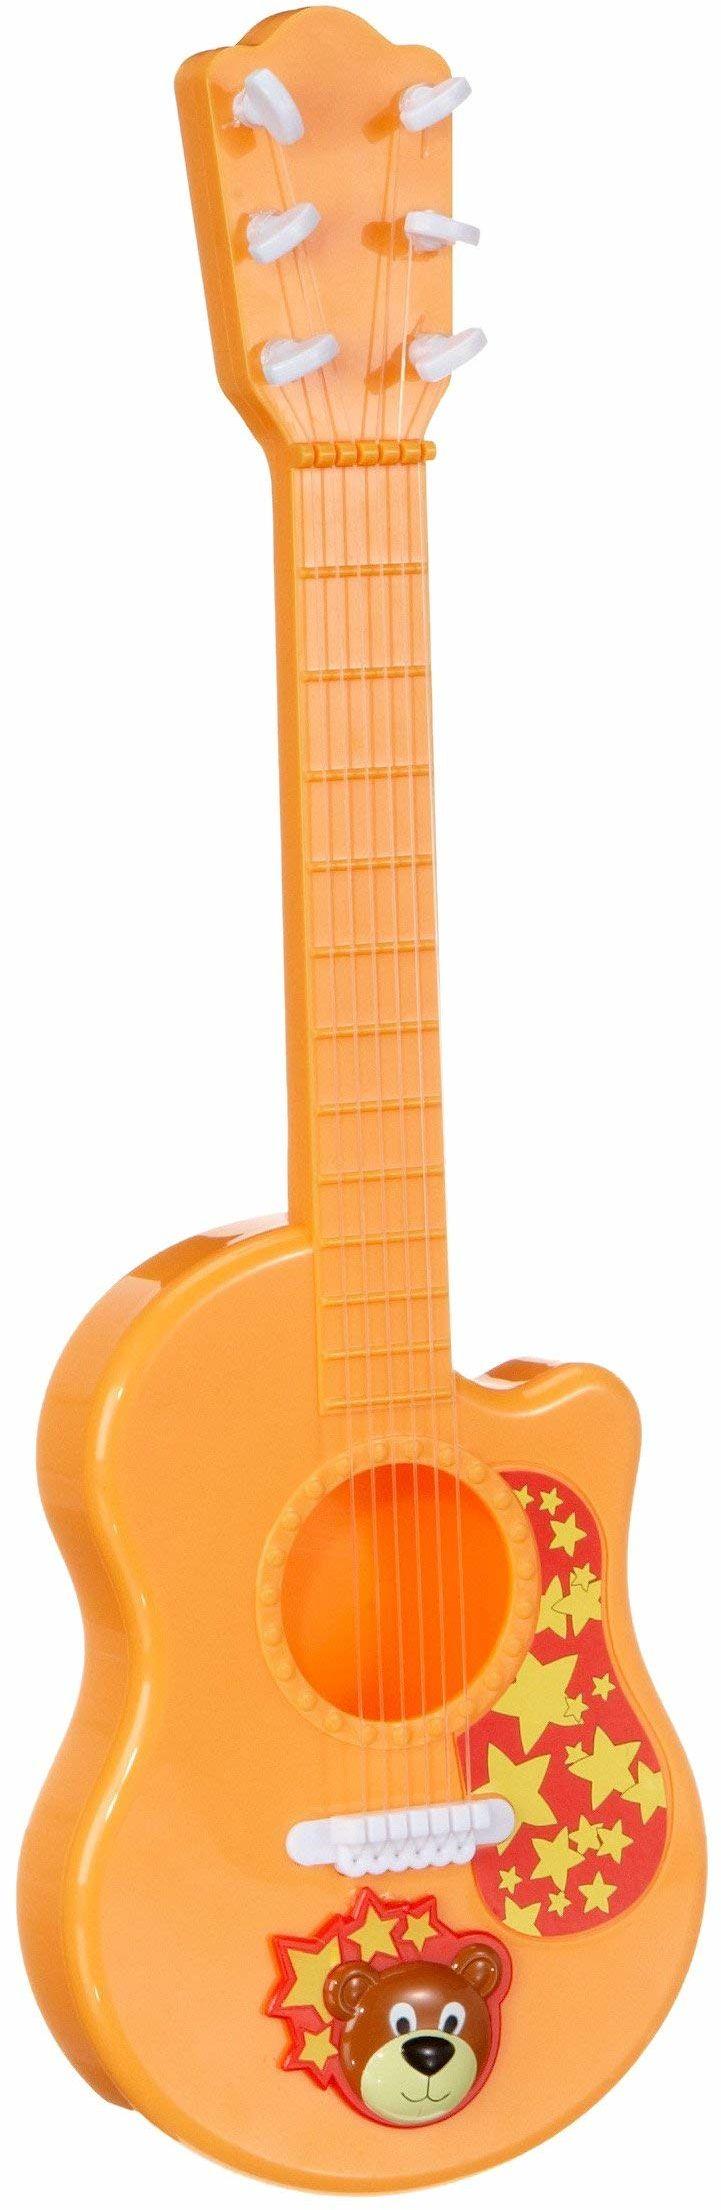 Simba 106838853 - My music World, instrument muzyczny, gitara z motywem niedźwiedzia, 41 cm